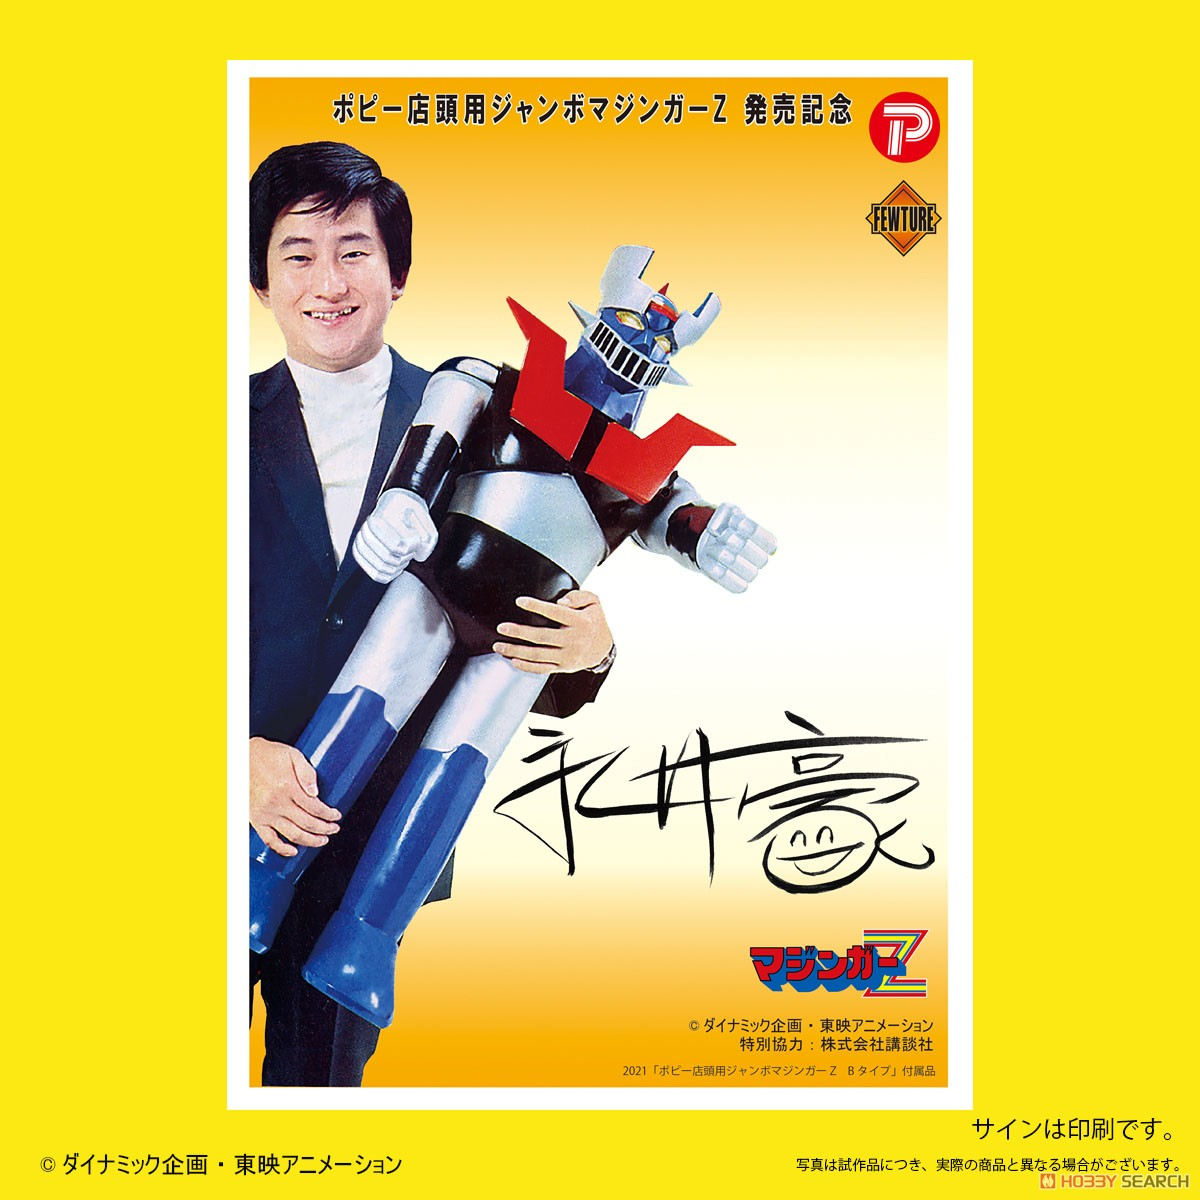 マジンガーZ『ポピー店頭用ジャンボマジンガーZ Bタイプ』ソフビ-017